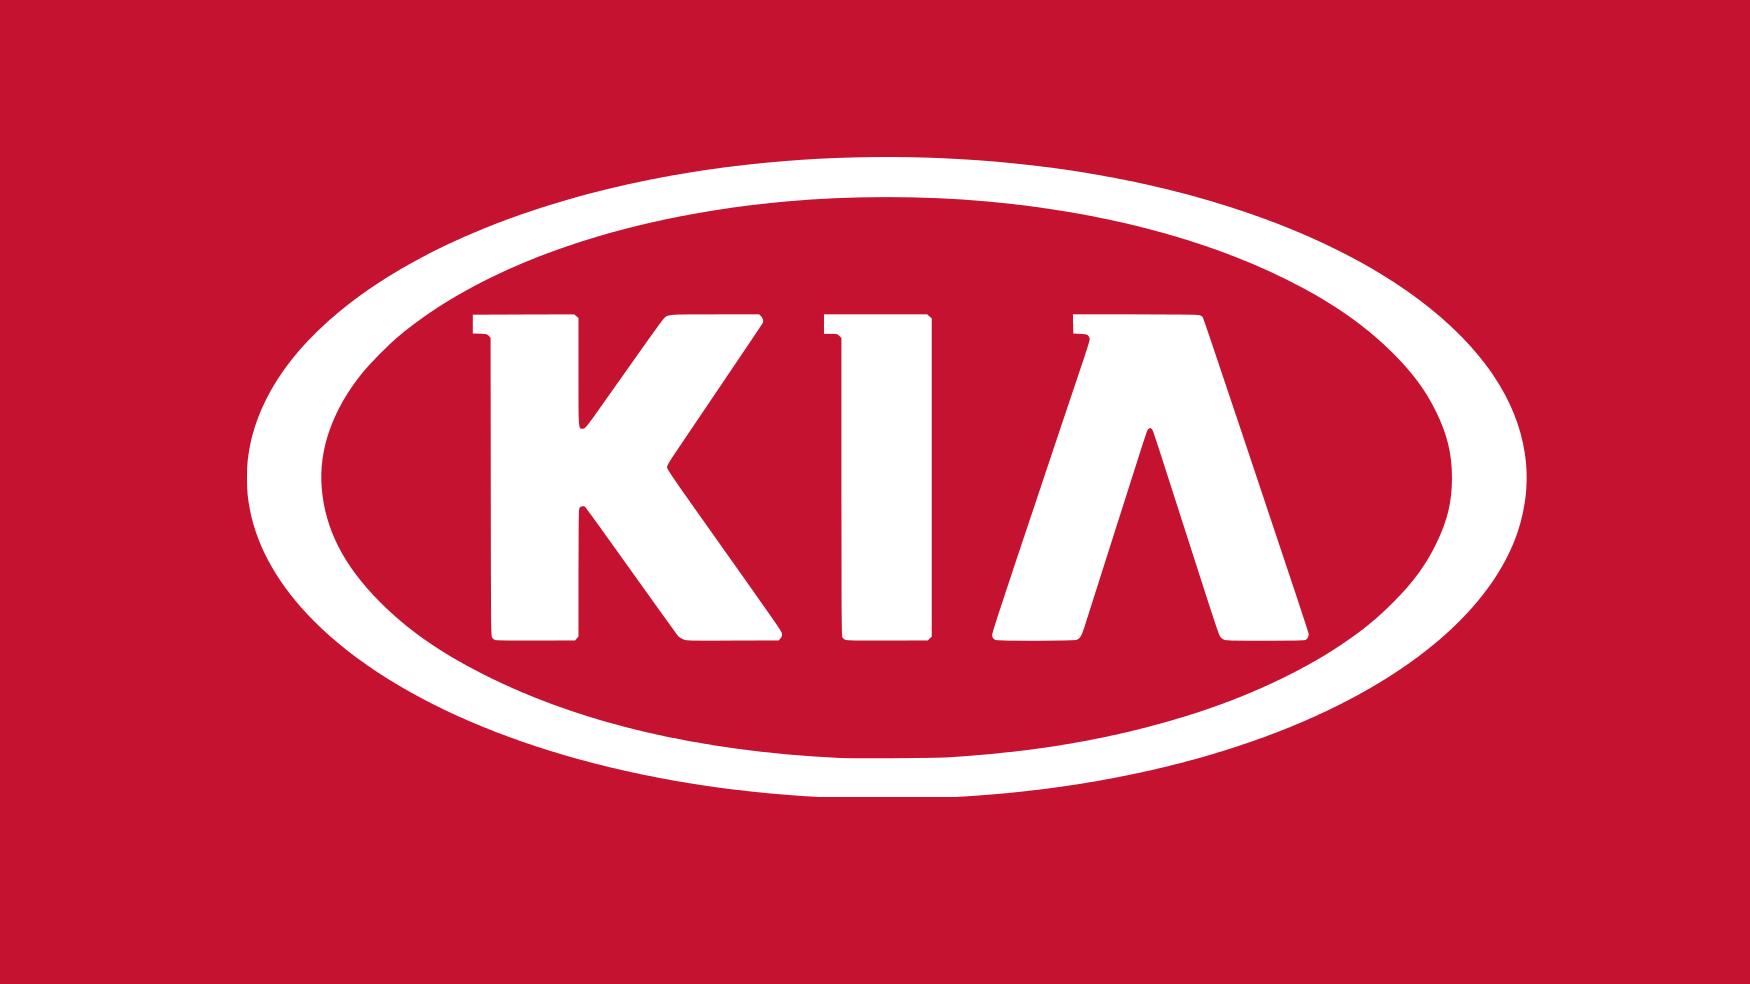 Kia Vector Logo PNG - 35493